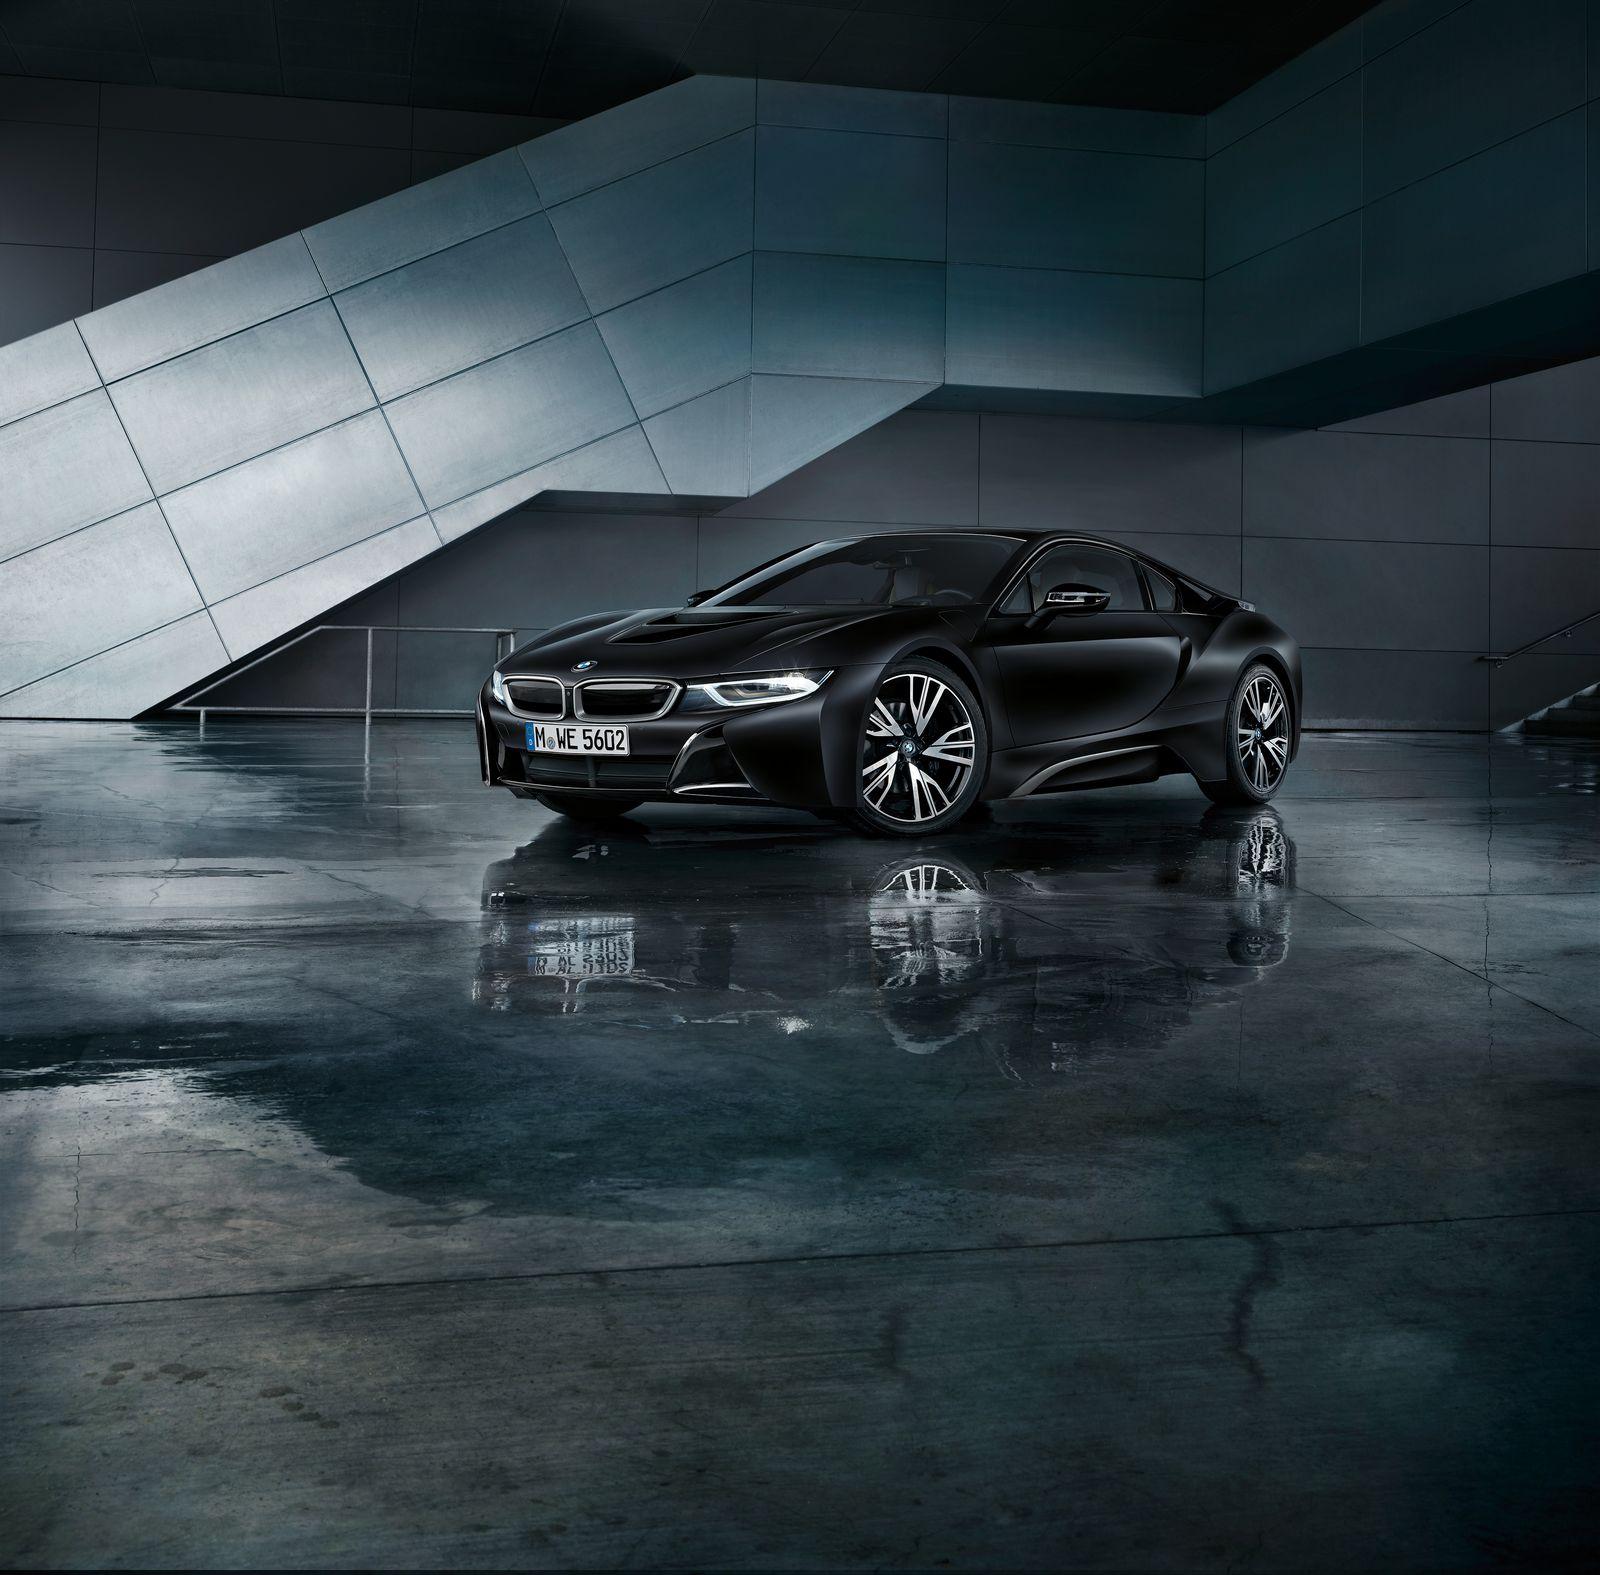 2013 - [BMW] i8 [i12] - Page 22 BMW%2Bi8%2BFrozen%2BBlack%2B7